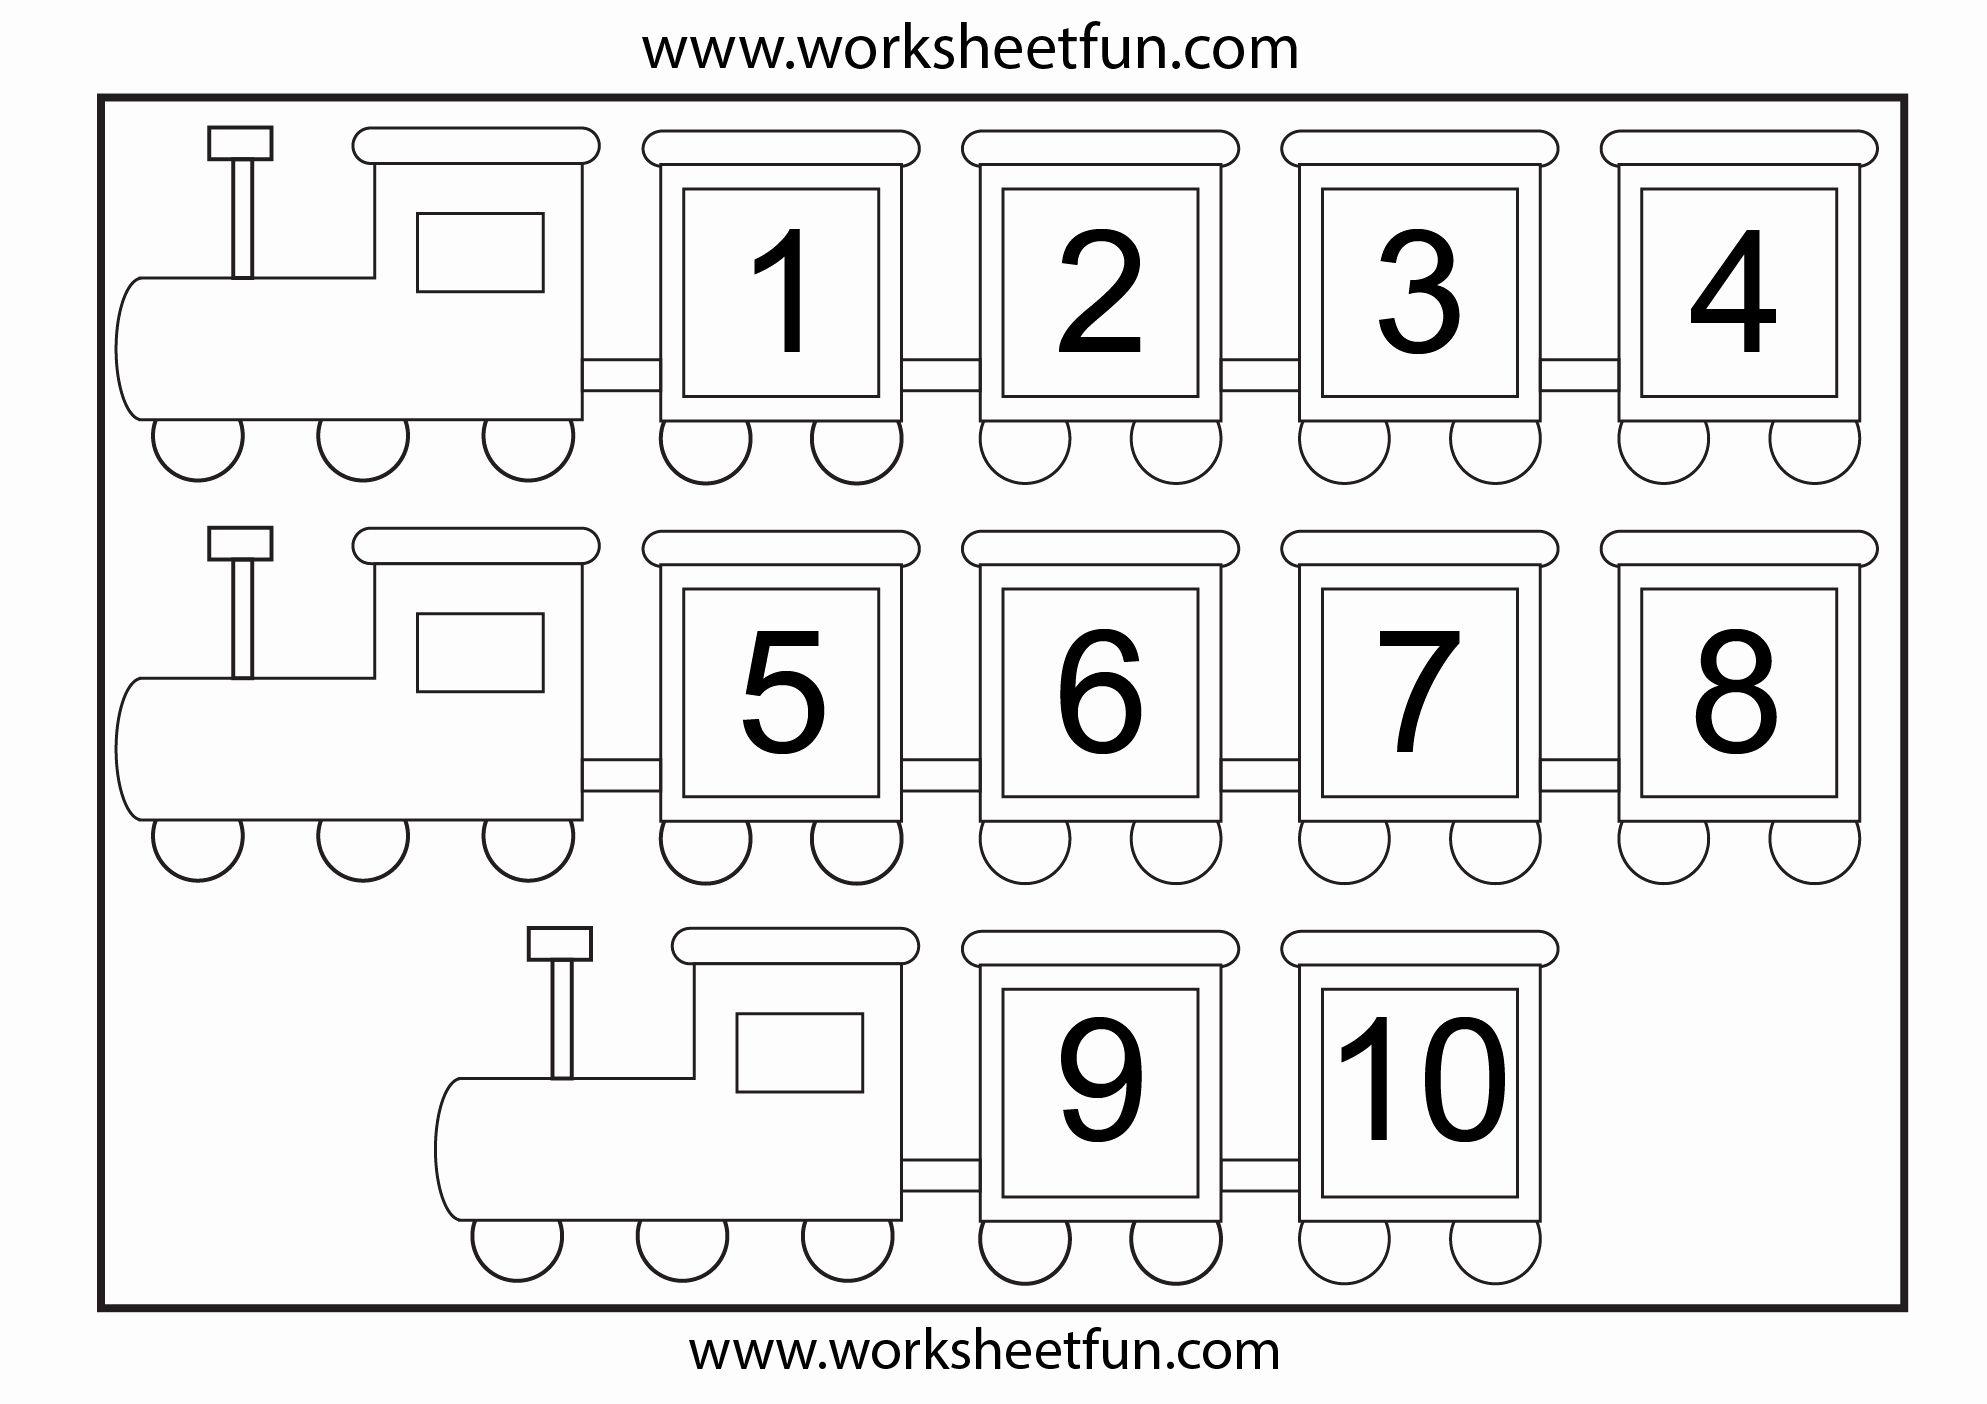 Free Printable Number Worksheets In